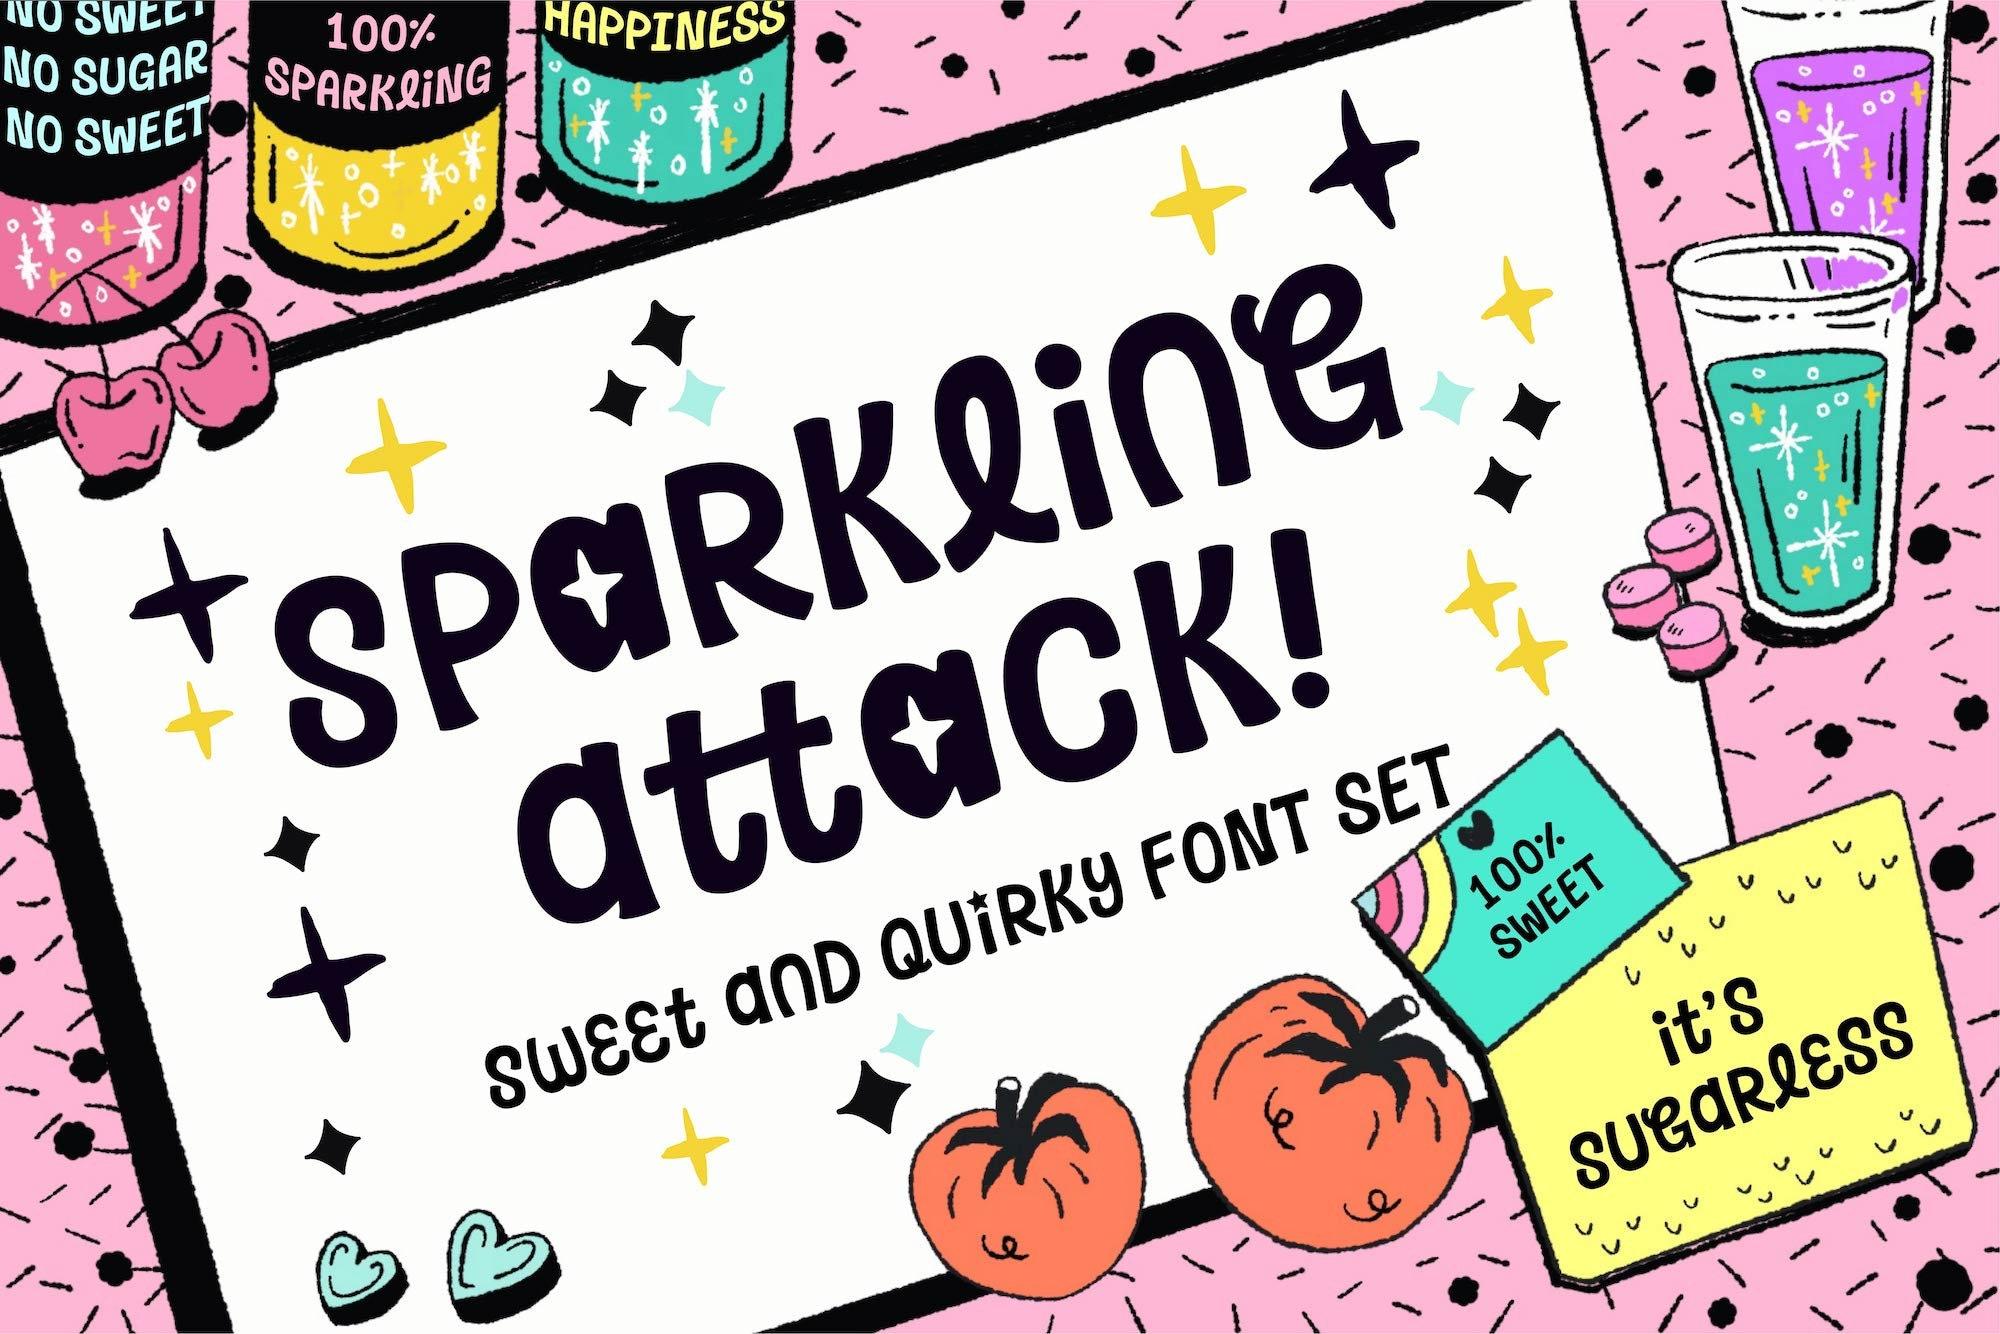 La police attaque pétillante, dessin animé et jeu, affichez Typeface, la décalé à la Typeface, main lettrage police, tendance Typeface Design, jeu et conception de l'affiche a40cce